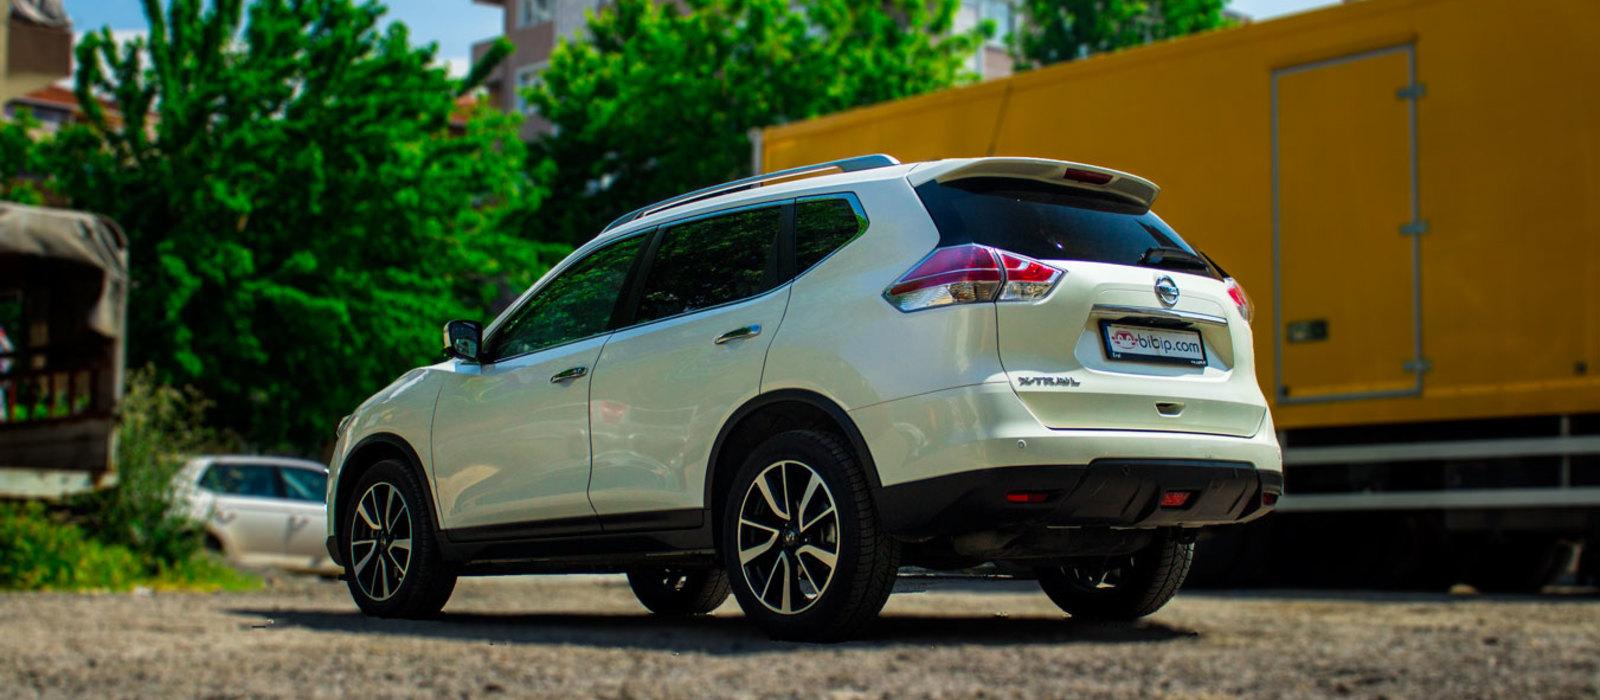 ikinci el araba 2015 Nissan X-Trail 1.6 dCi Platinum Premium Dizel Otomatik 46000 KM 1